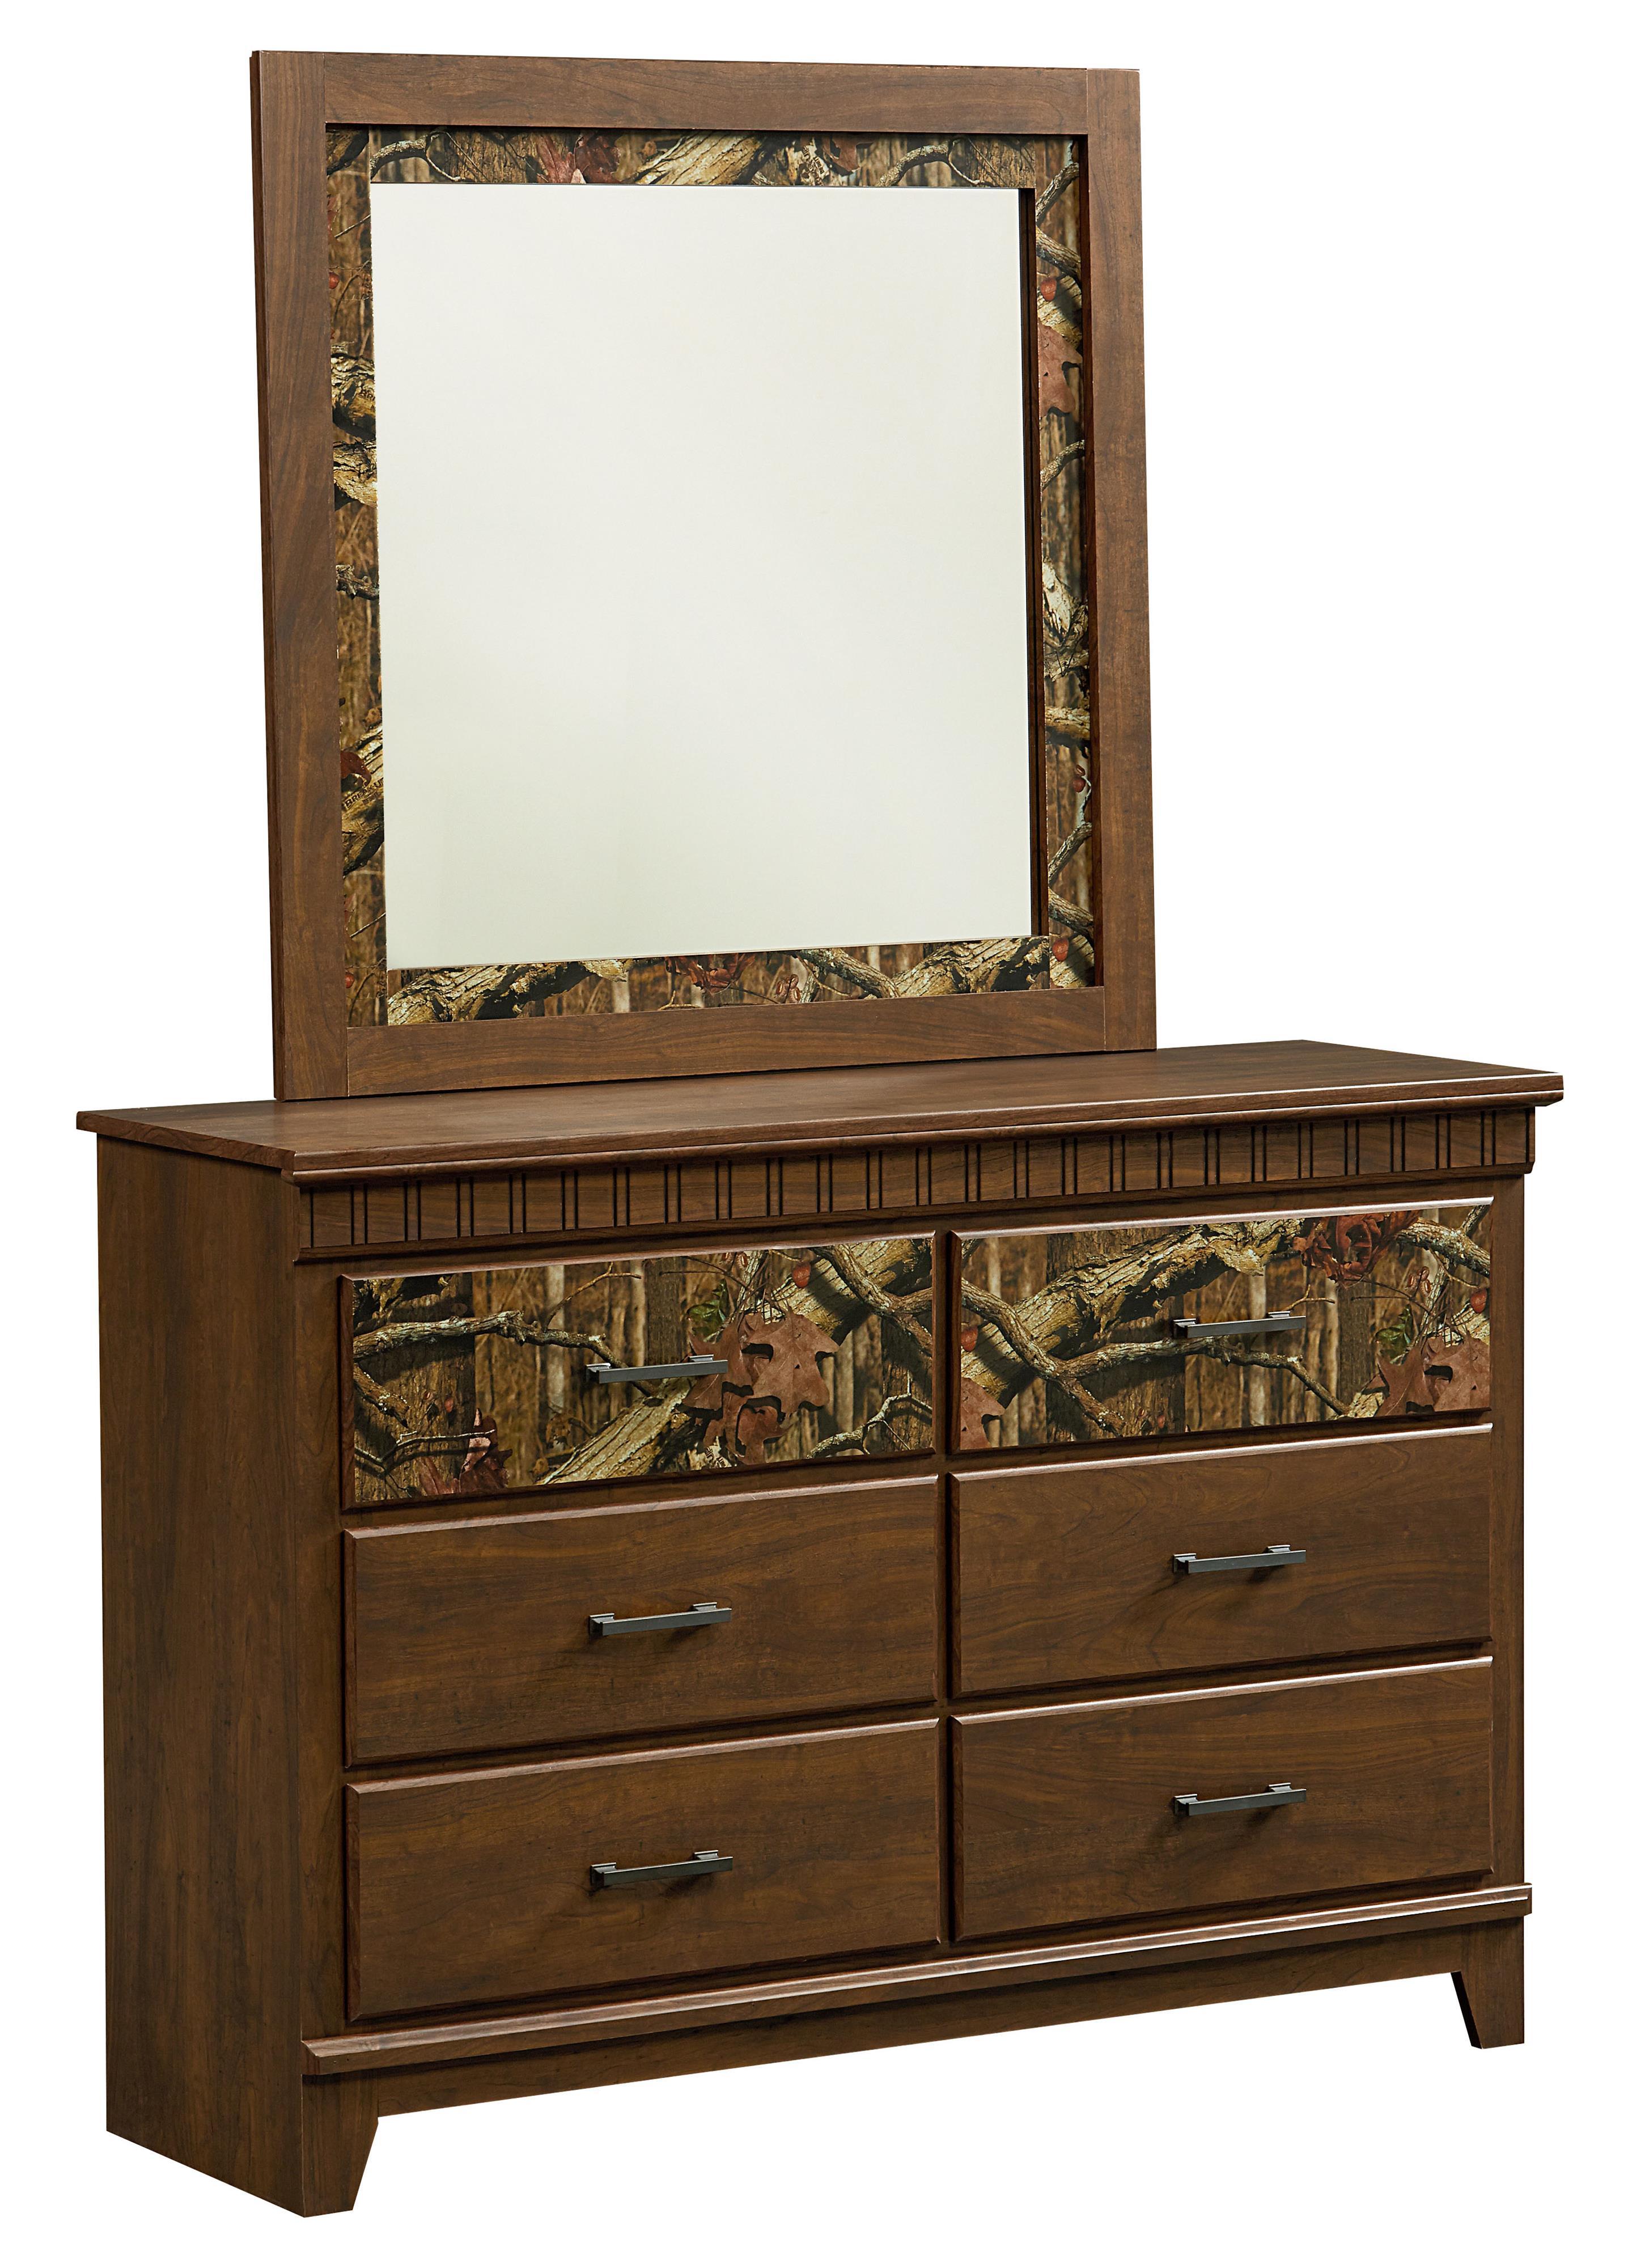 Standard Furniture Solitude Dresser and Mirror Set - Item Number: 52959+68